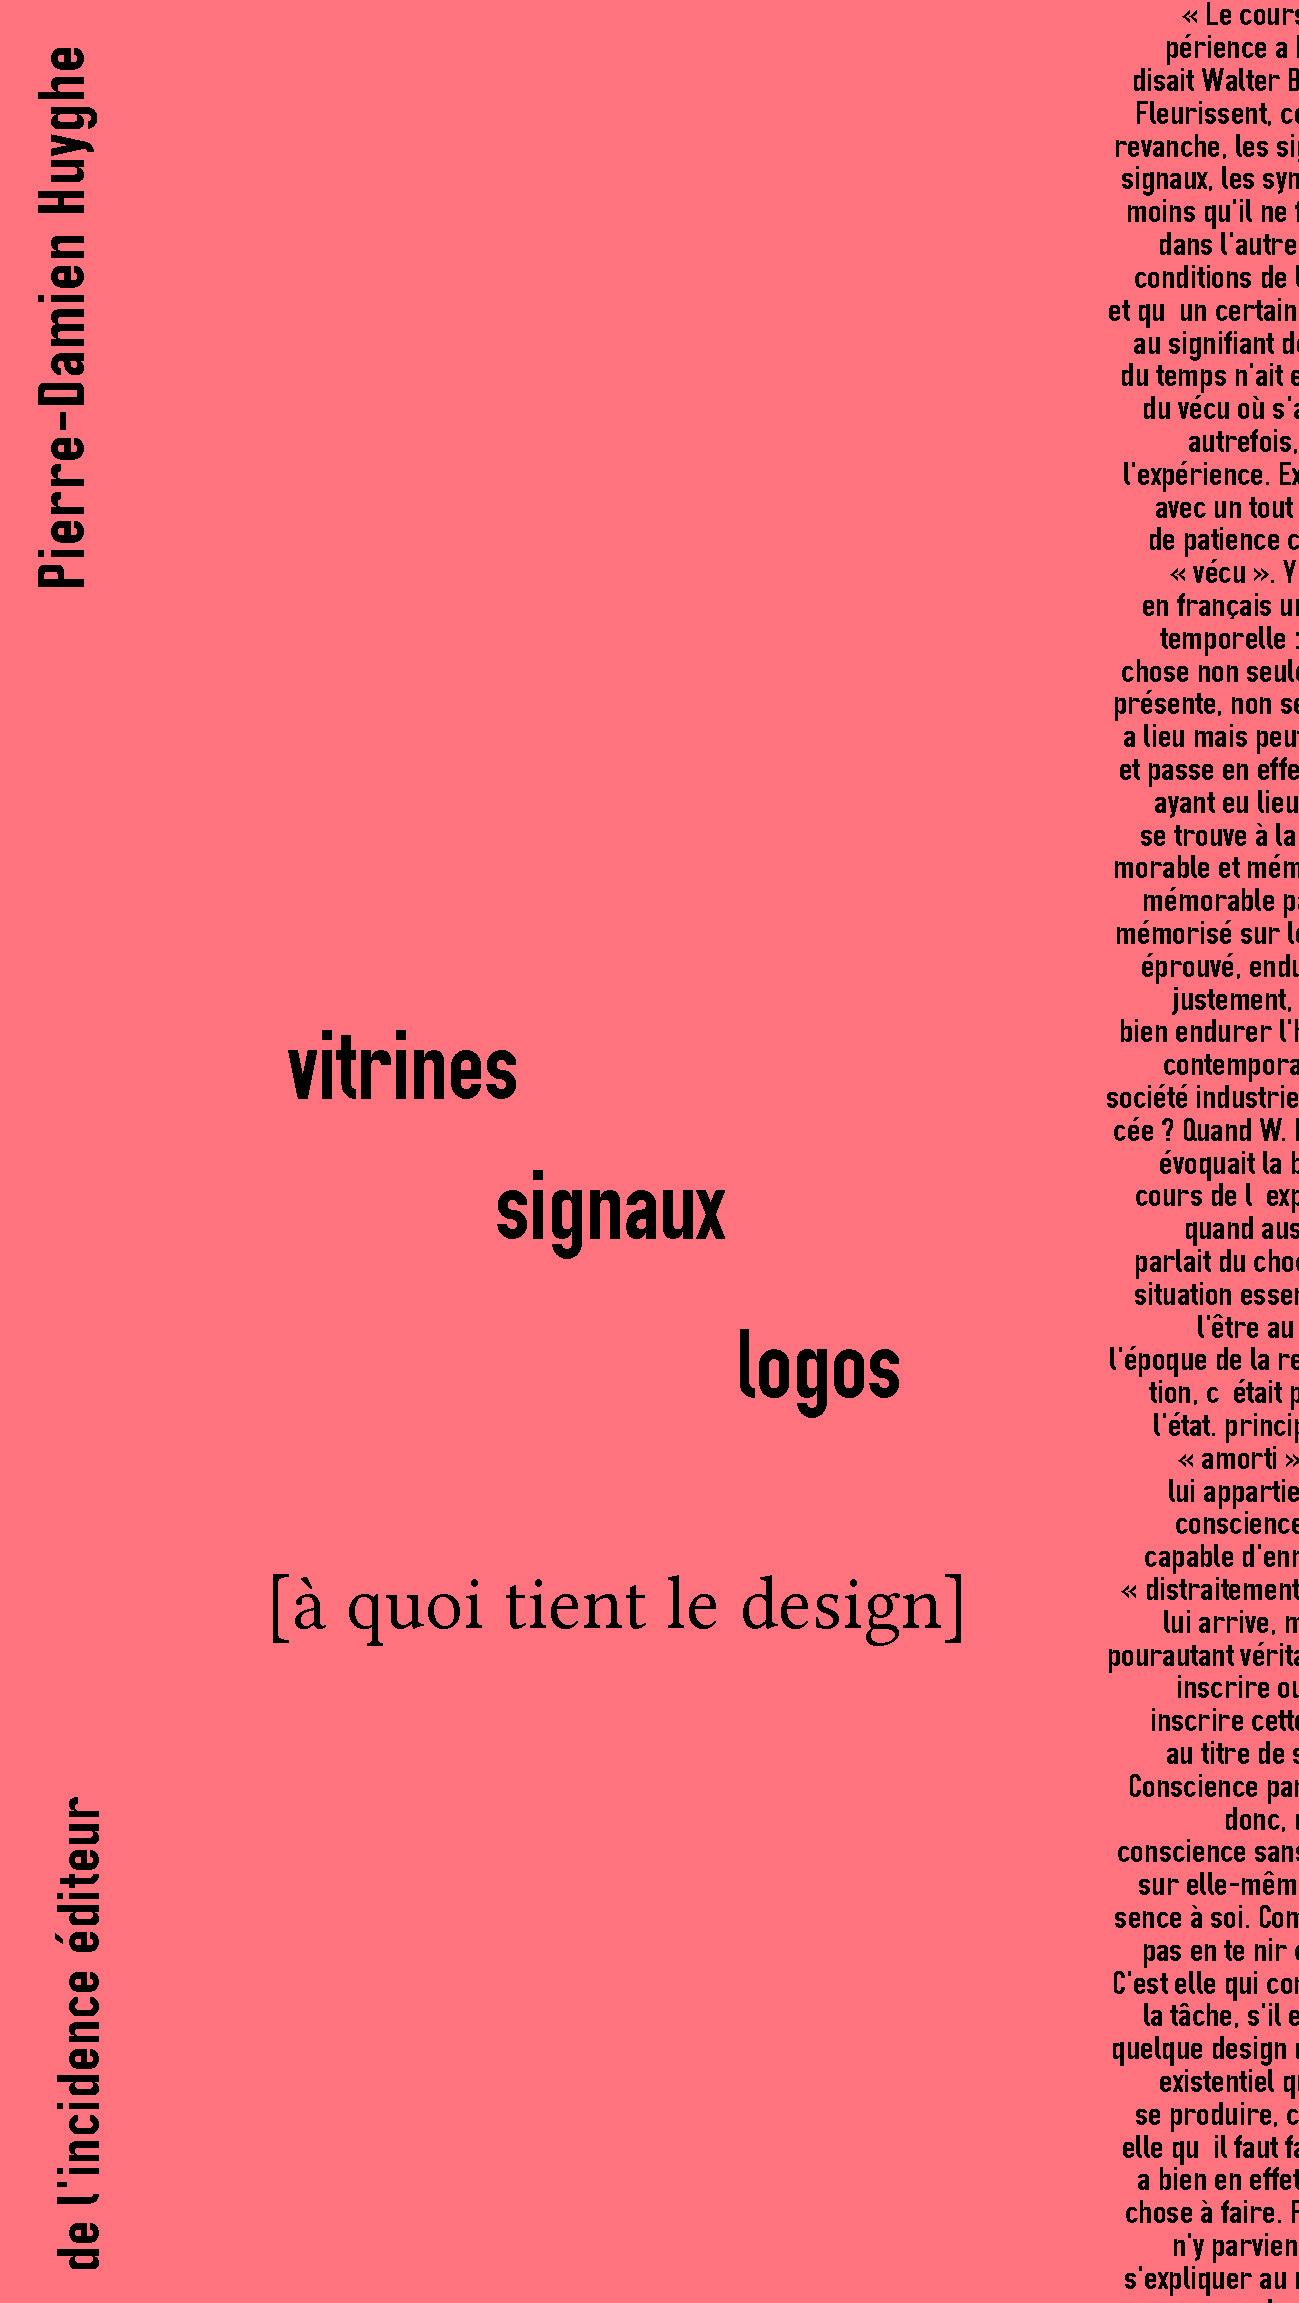 VITRINES SIGNAUX LOGOS - A QUOI TIENT LE DESIGN